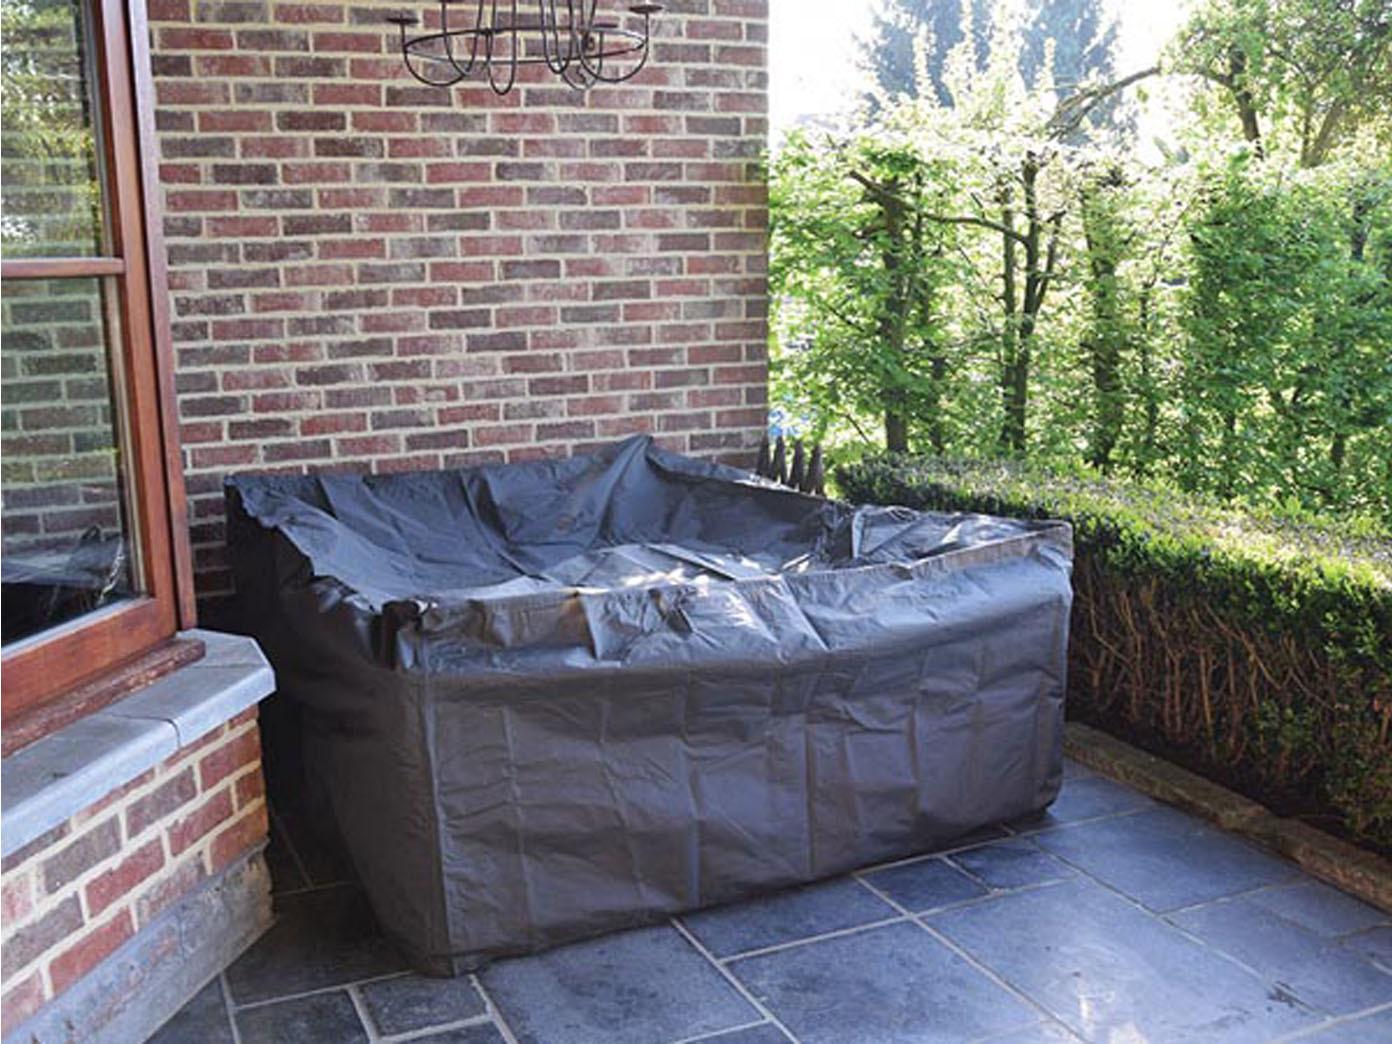 140x140cm Schutzhülle Abdeckung XS für Loungemöbel Abdeckplane Lounge Garten